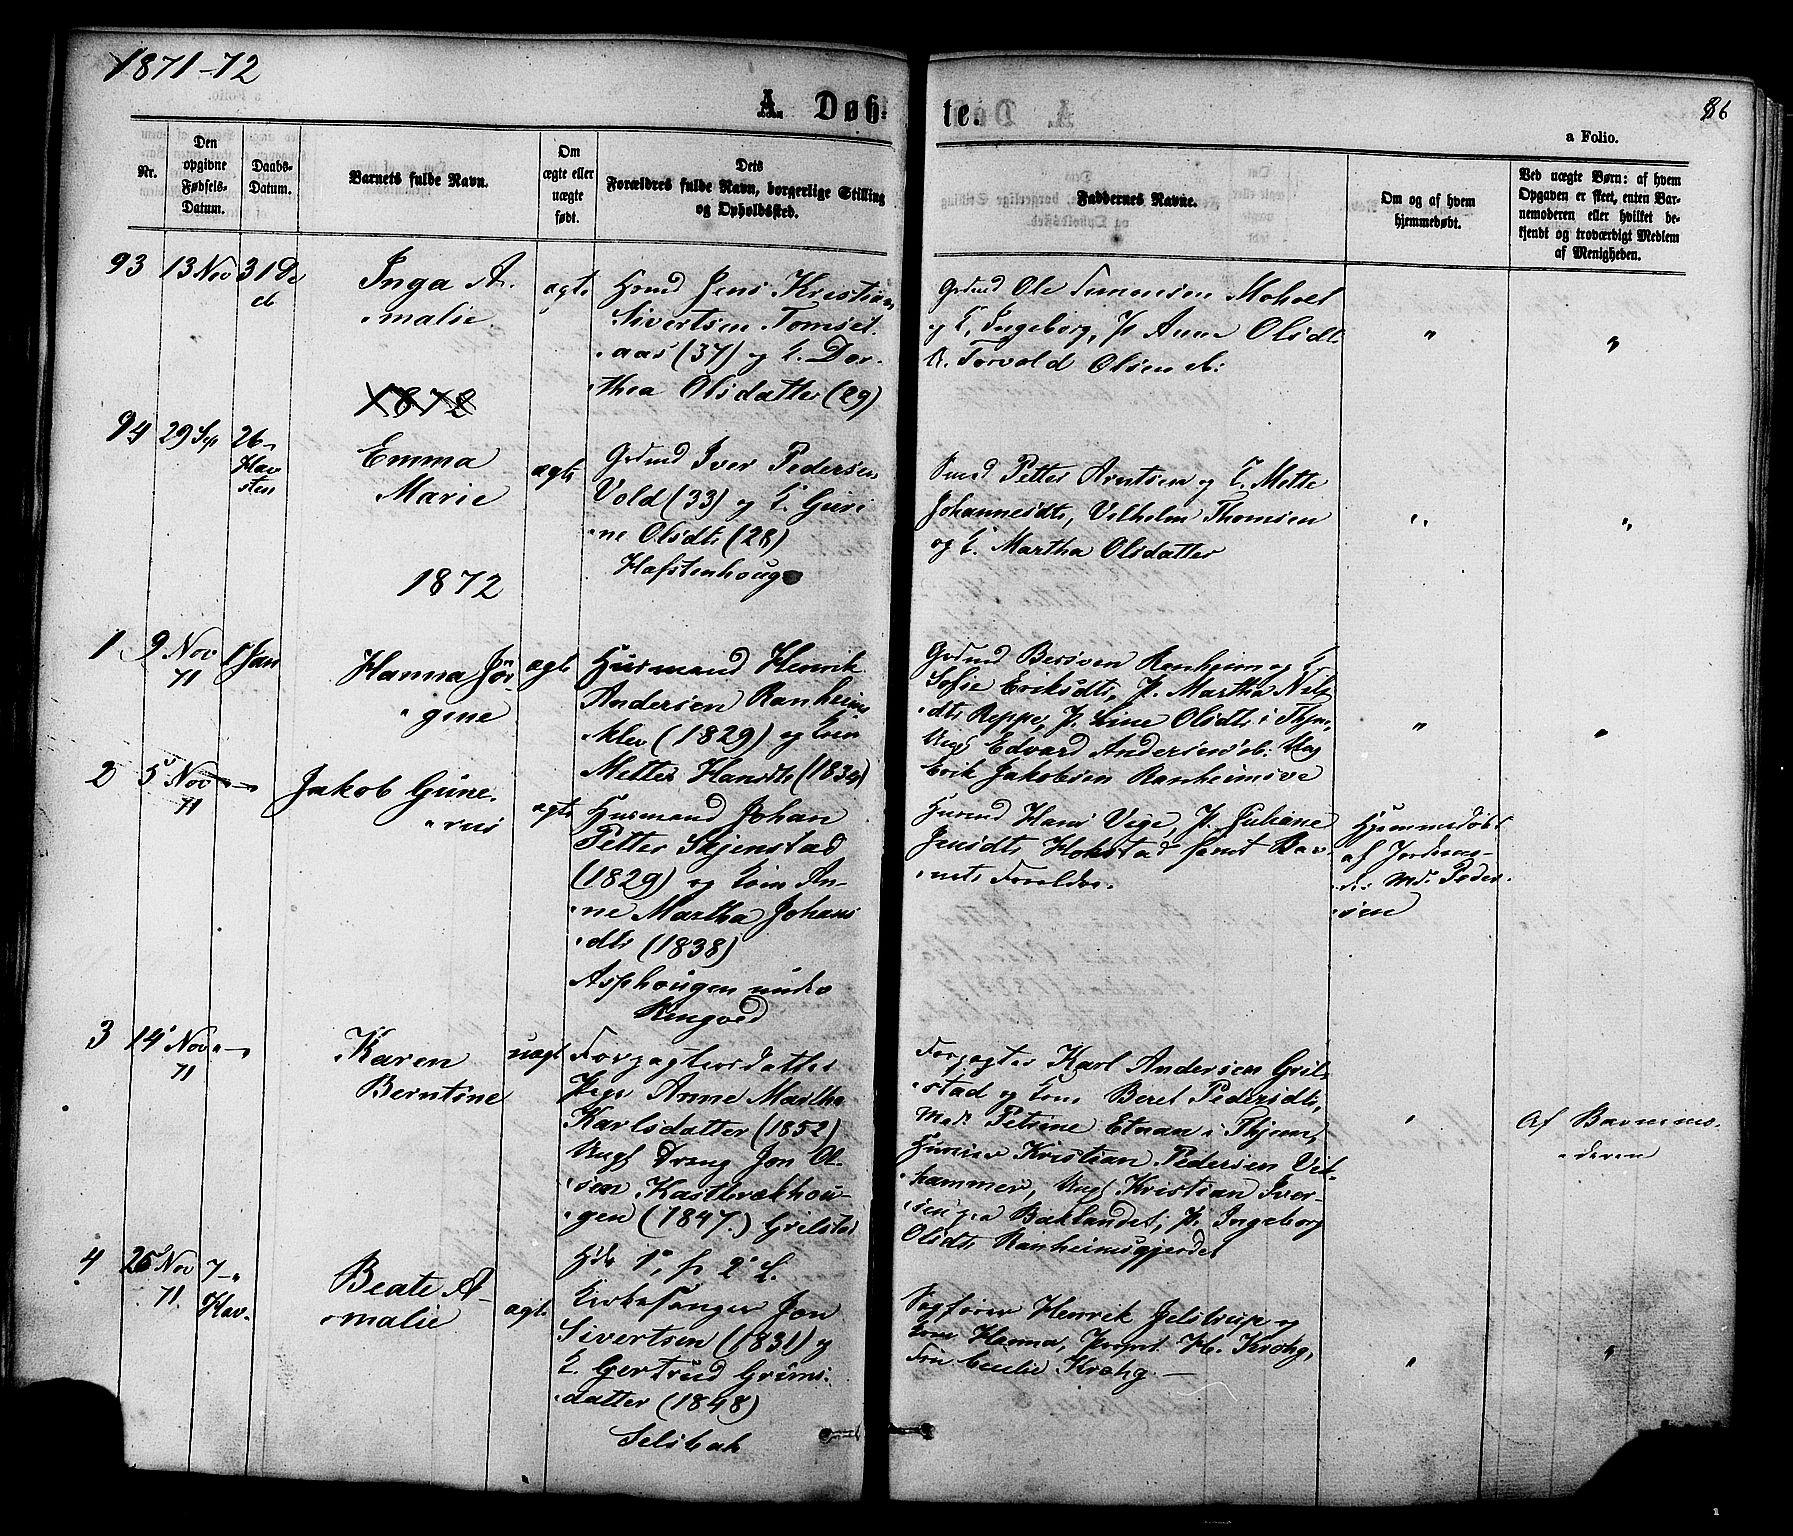 SAT, Ministerialprotokoller, klokkerbøker og fødselsregistre - Sør-Trøndelag, 606/L0293: Ministerialbok nr. 606A08, 1866-1877, s. 86